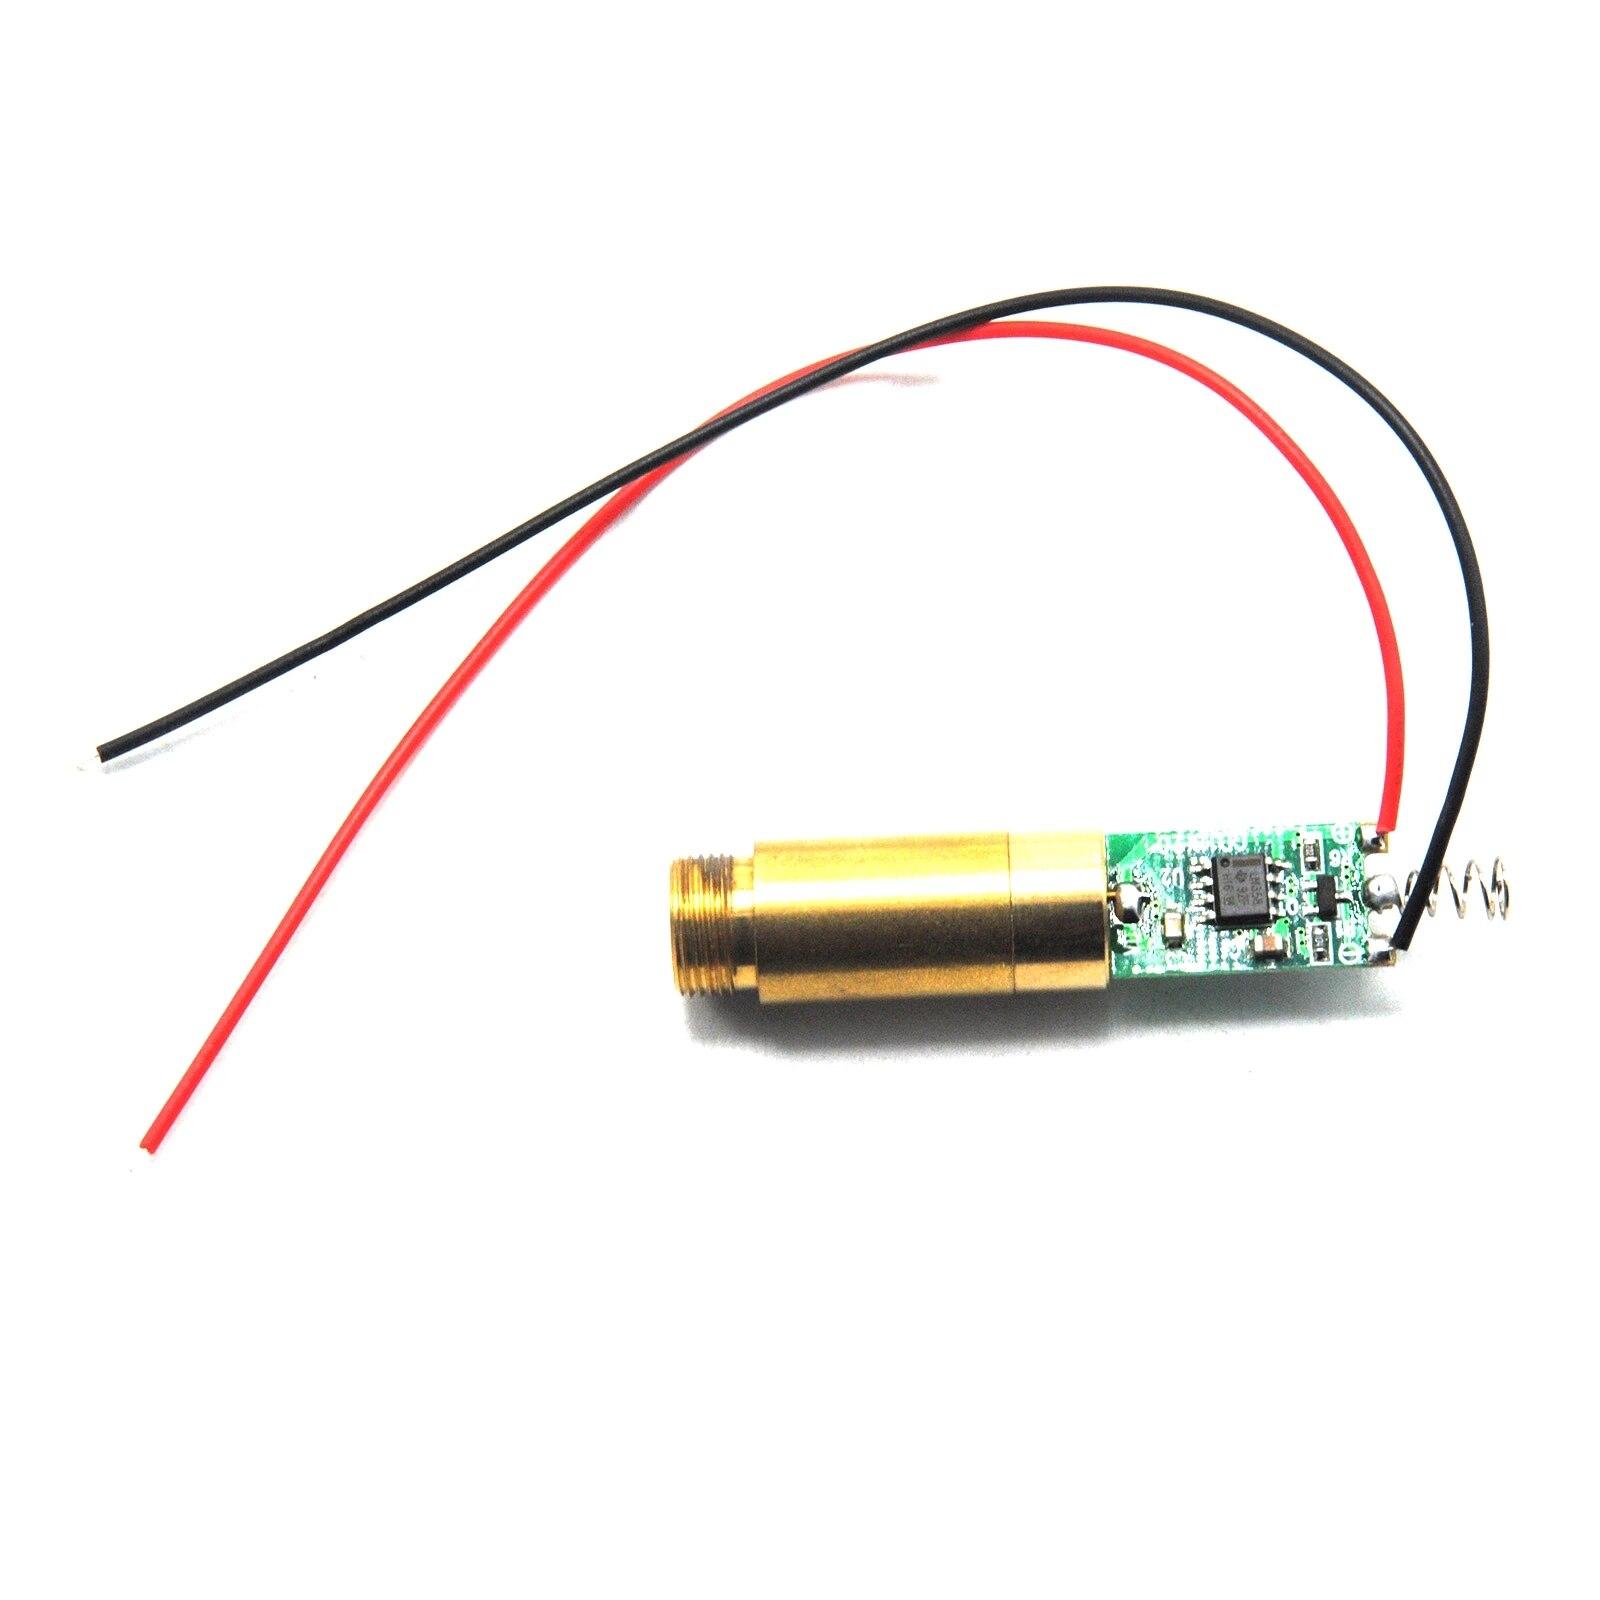 Промышленный 650 нм красный точка лазер диод модуль APC схема 100 мВт 3,7 В постоянного тока 1235